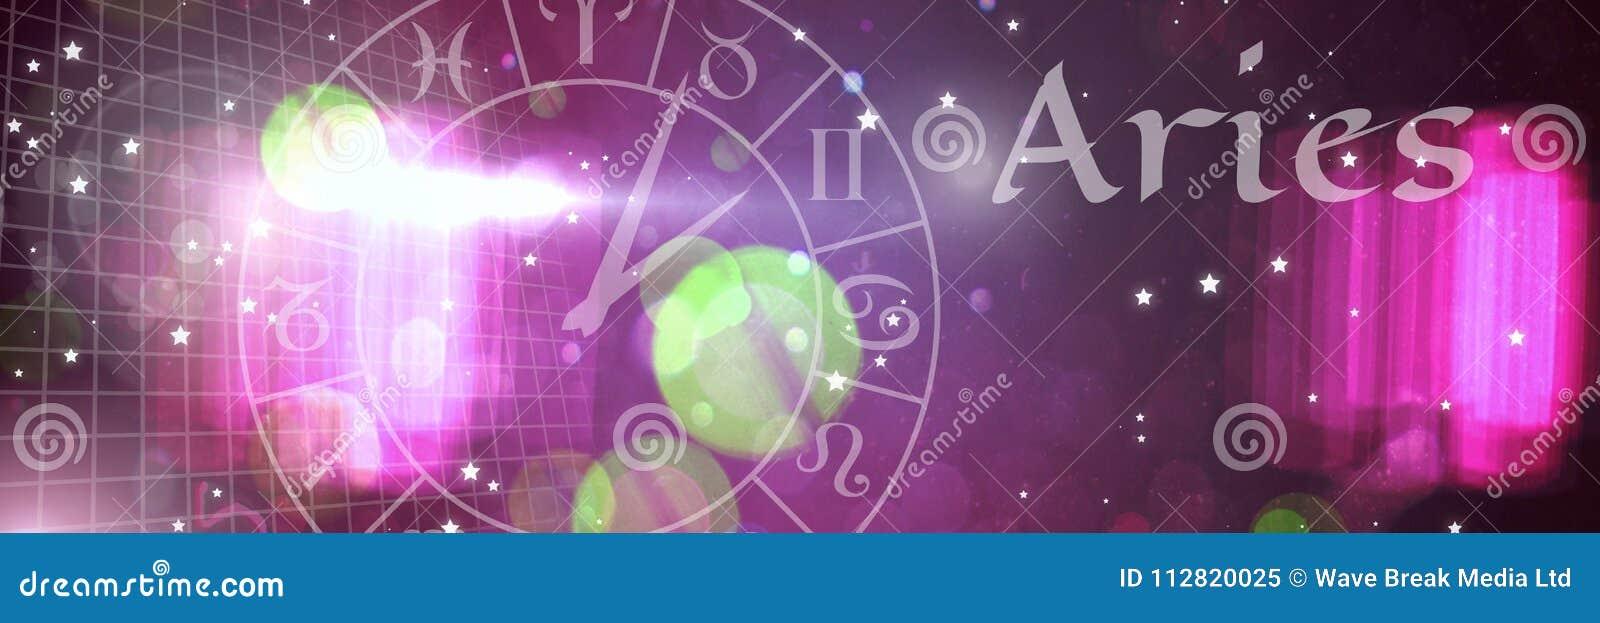 Astrología mística del zodiaco del aries